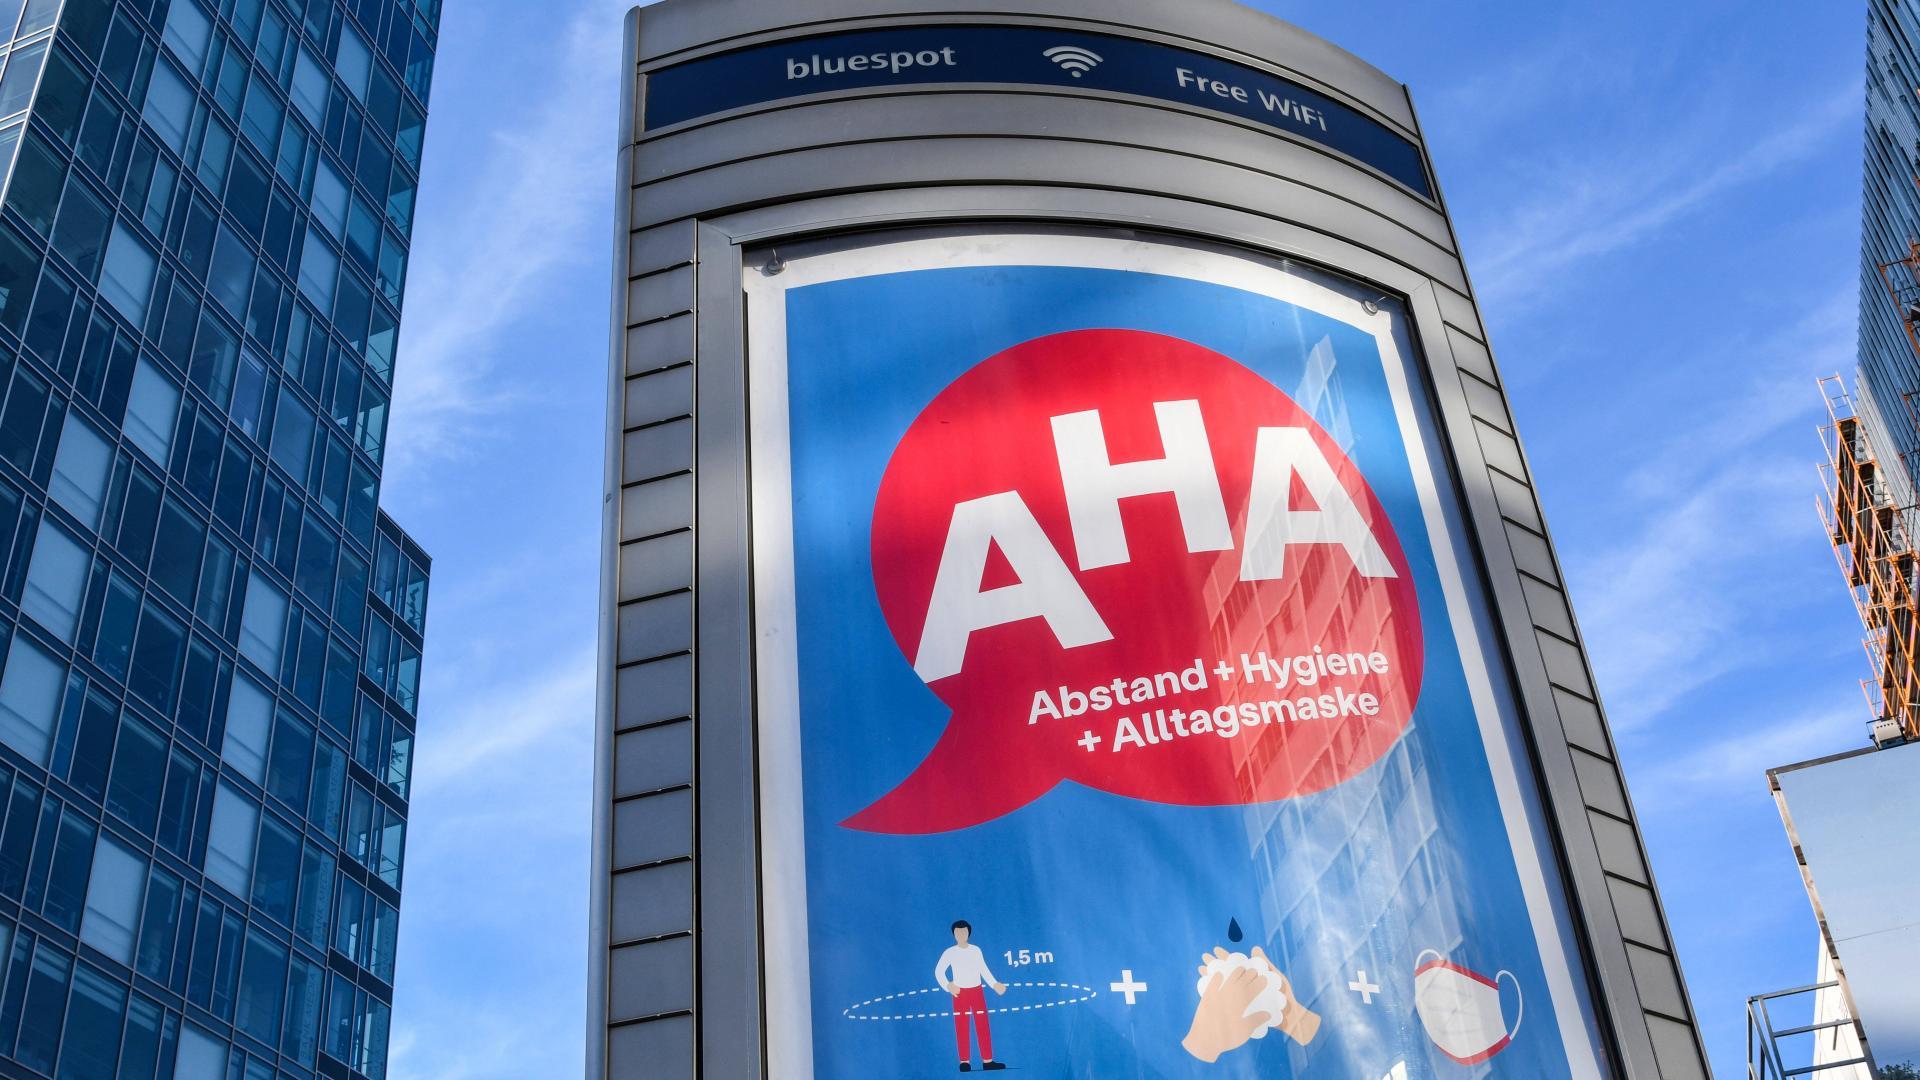 AHA- Abstand, Hygiene , Alltagsmaske- Werbung auf einer Litfasssaeule fuer die Einhaltung der Corona-Alltagasregeln. Das